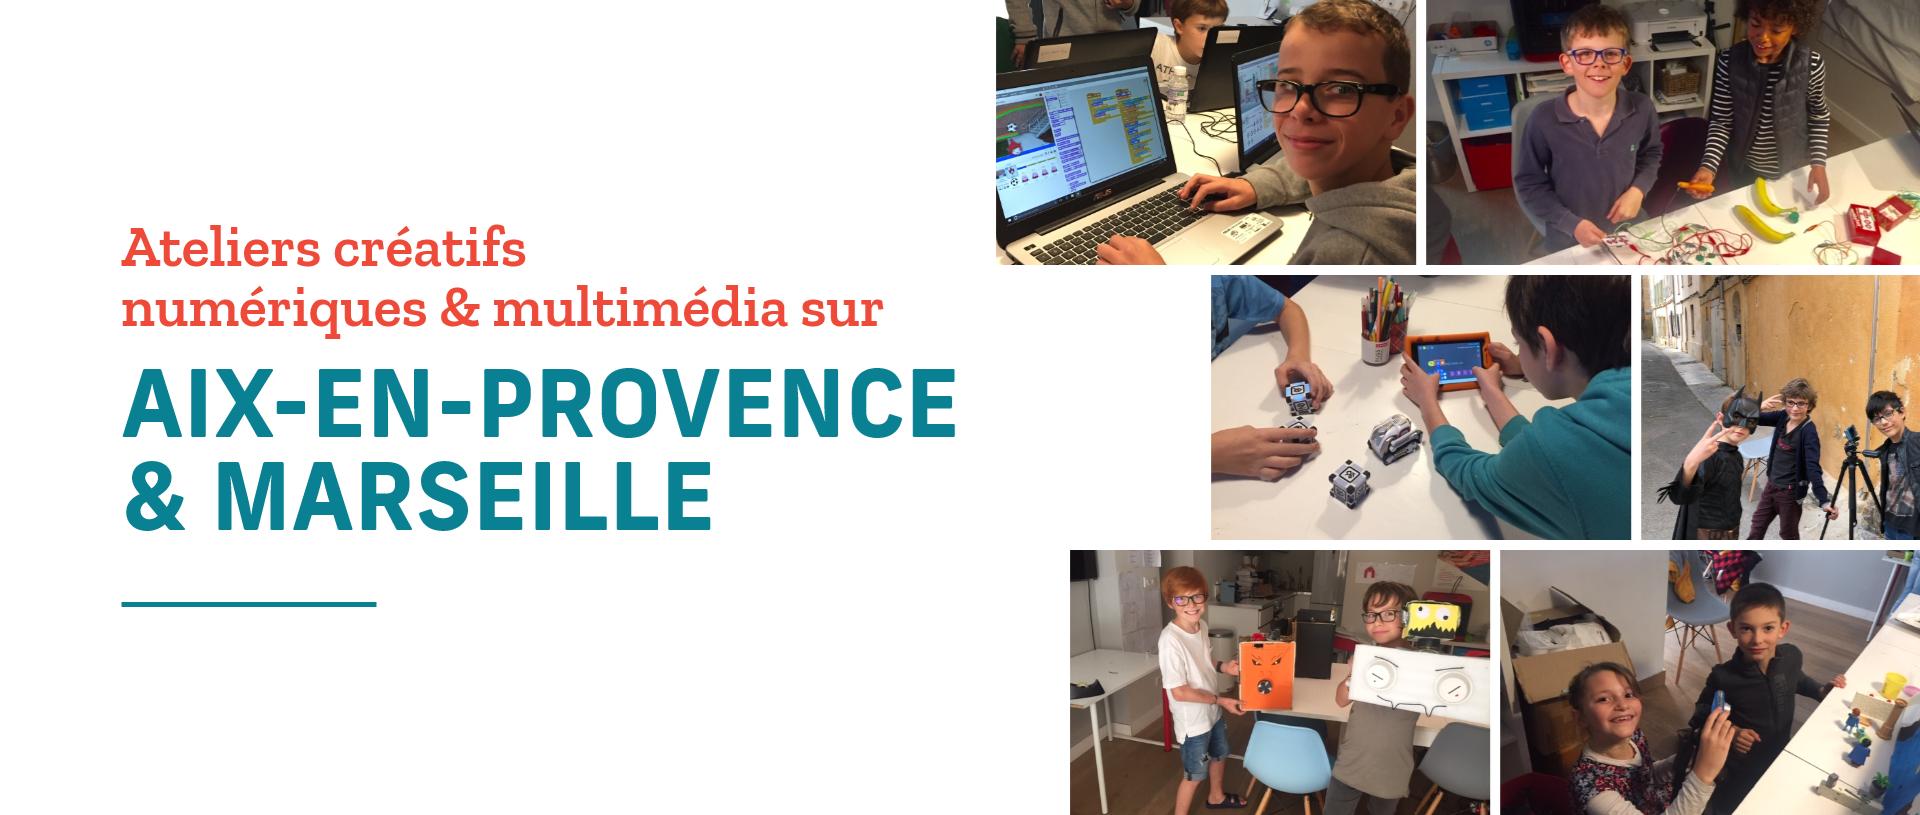 ateliers aix et Marseille